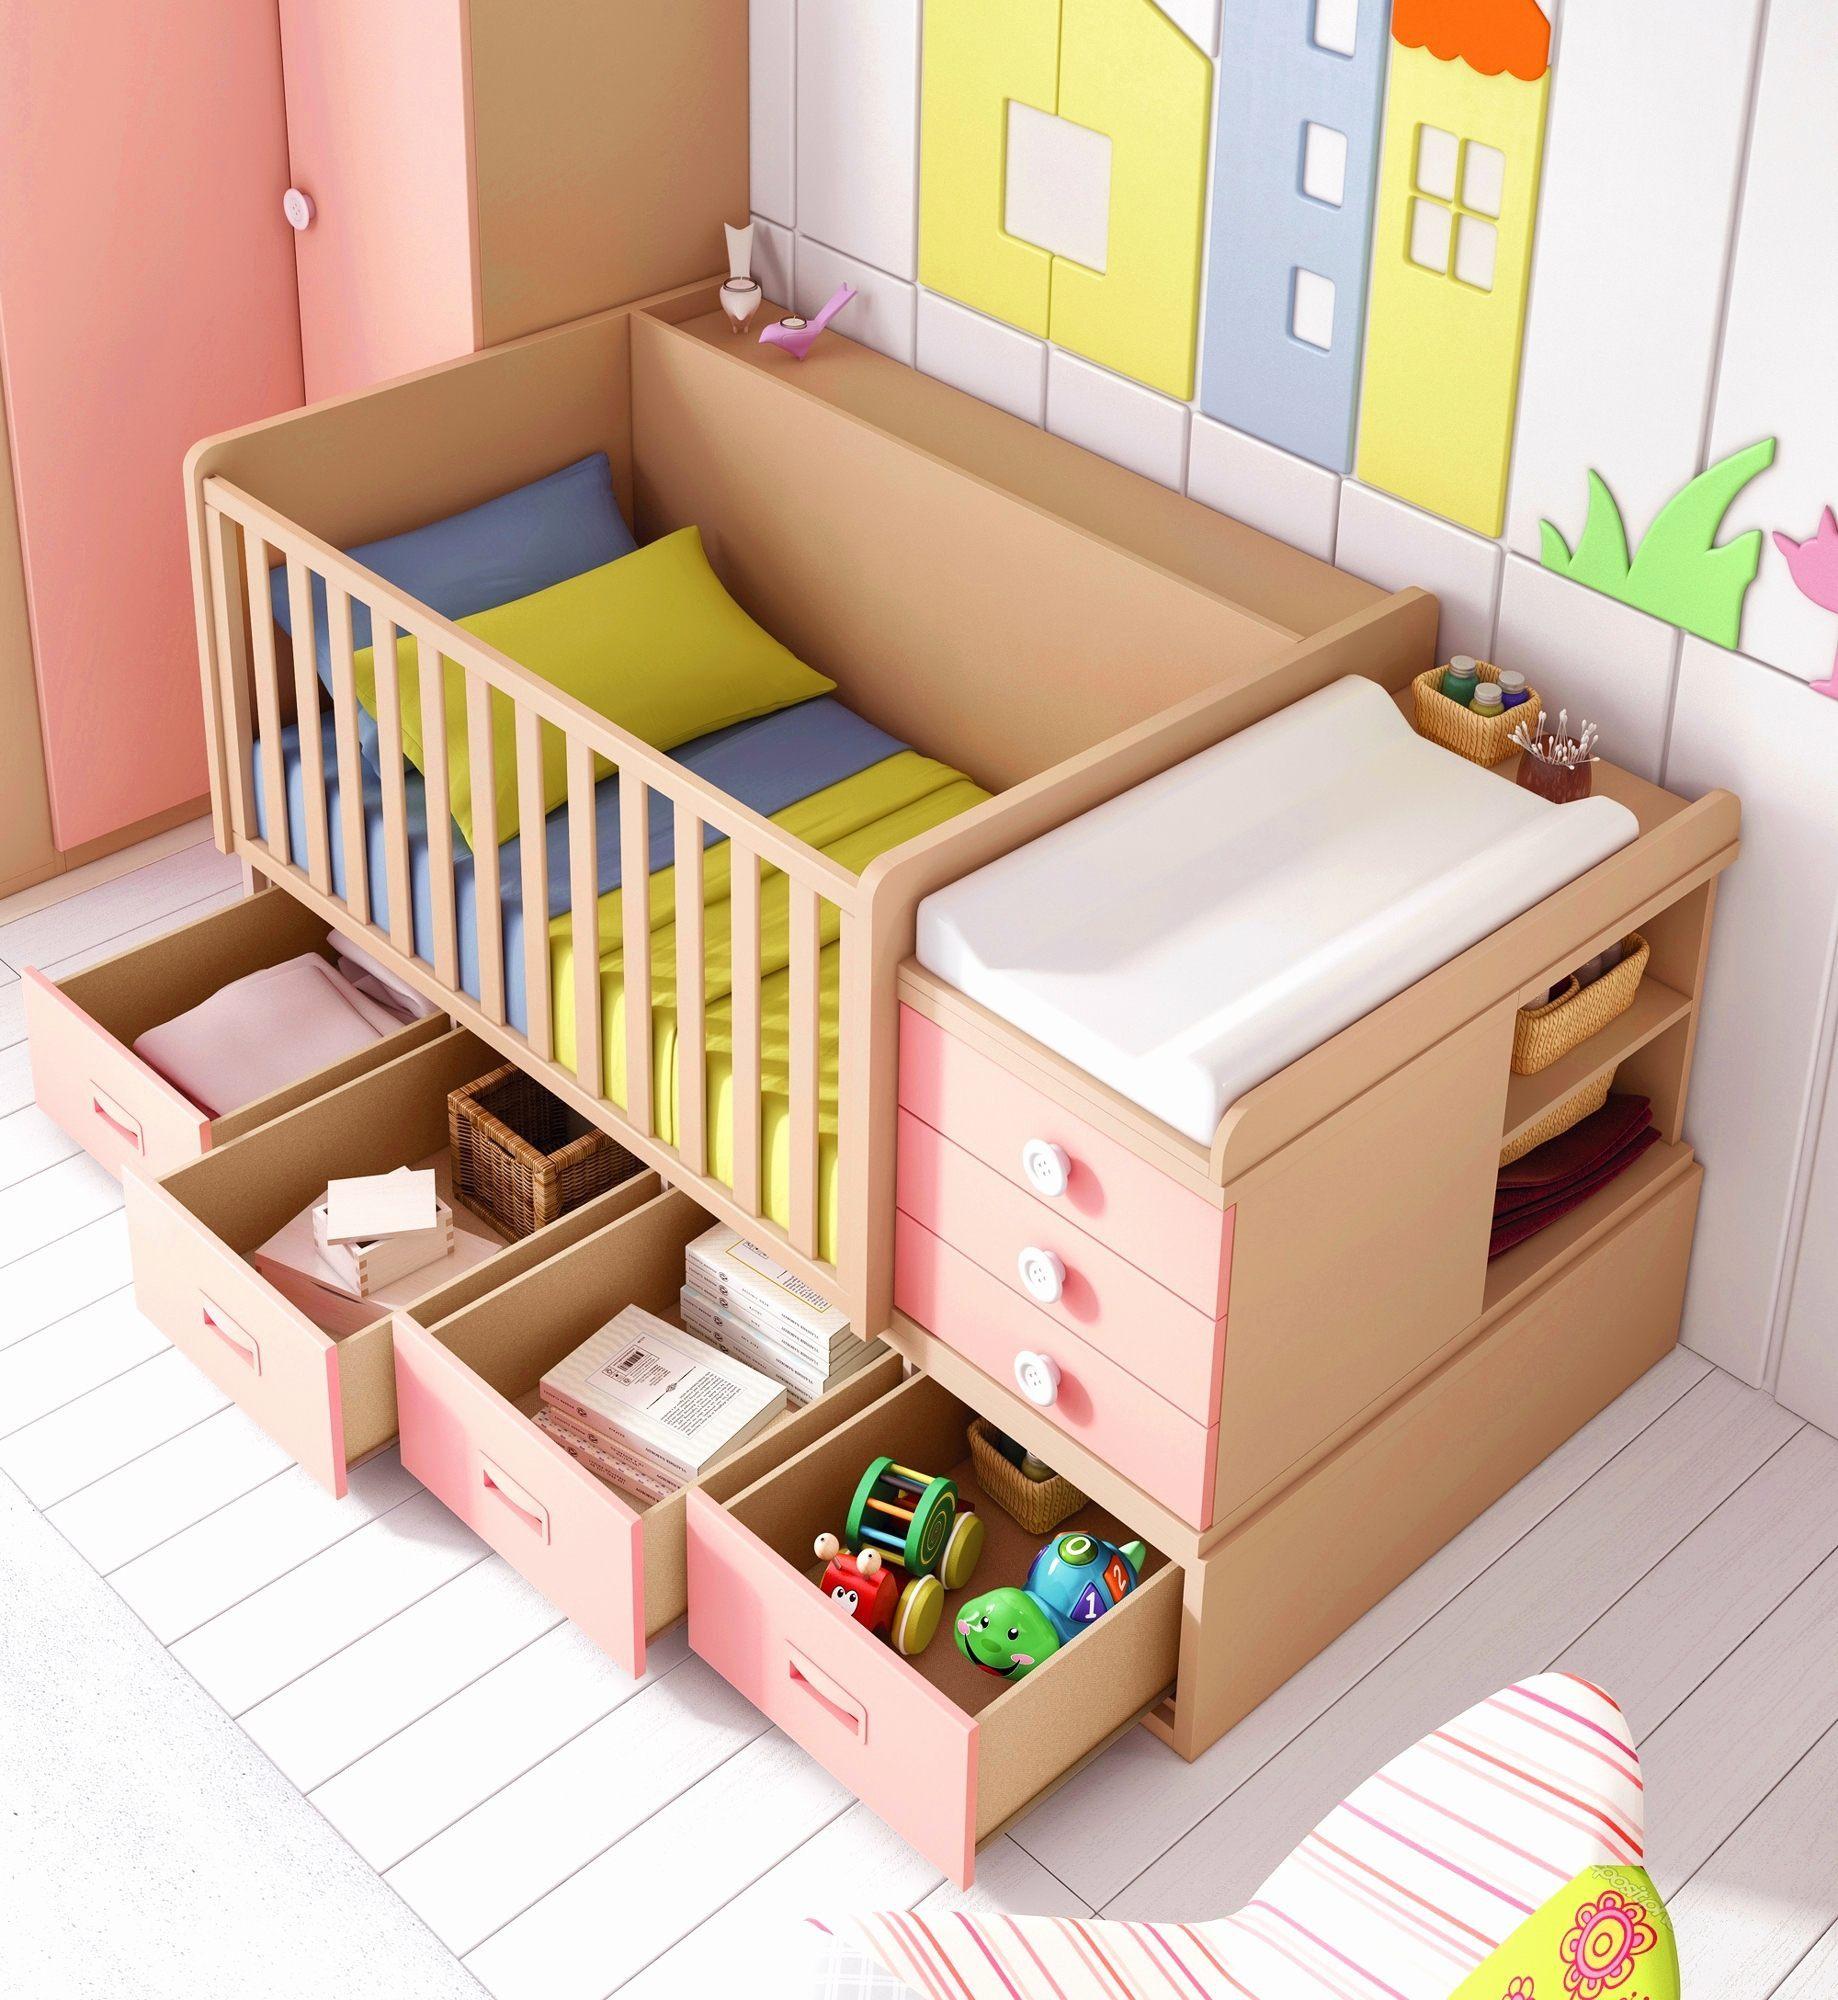 Lit Superposé Bas Charmant Chaise Bébé Pliante Cuisine Pour Bebe Lovely Lit Ikea Bebe 12